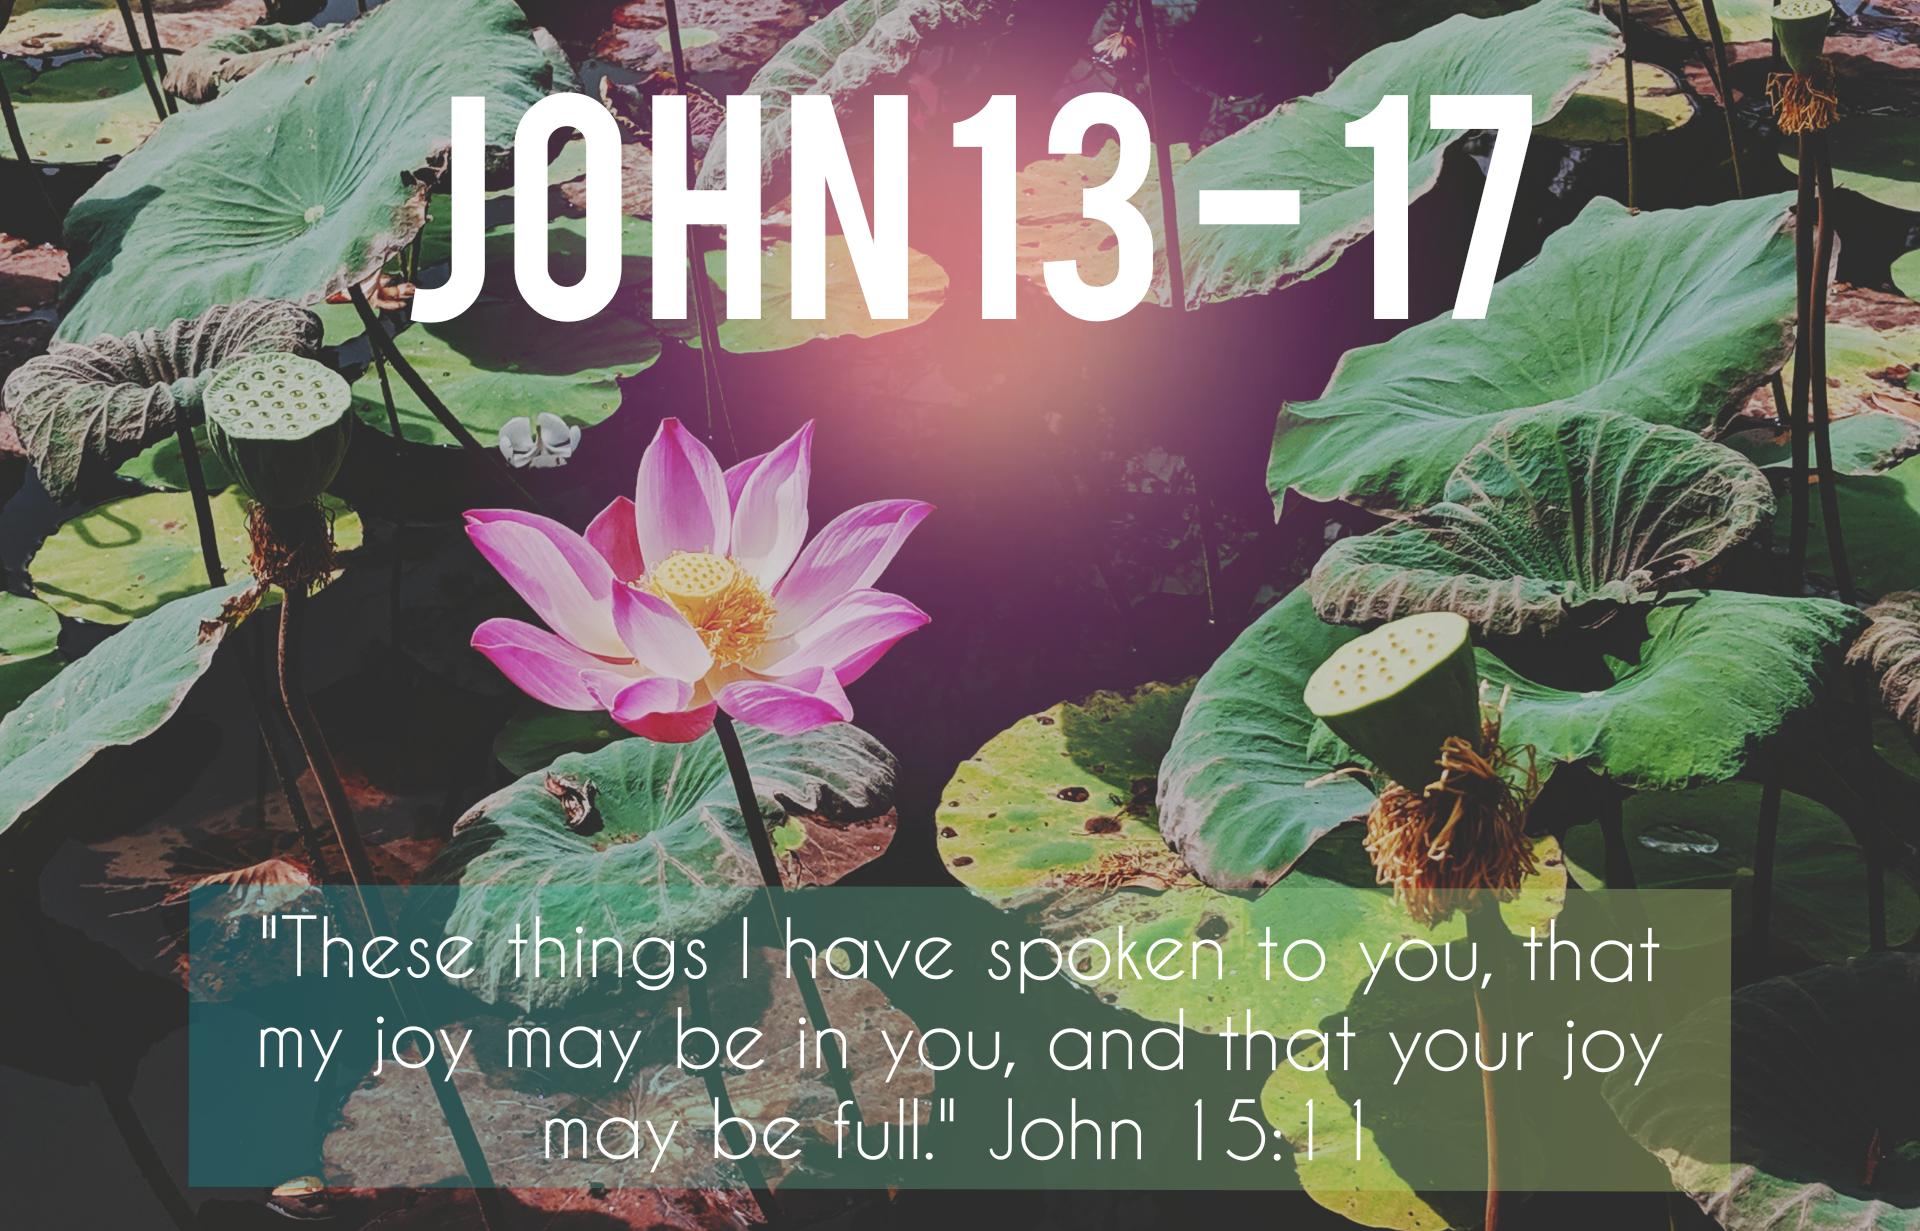 John 13 - 17